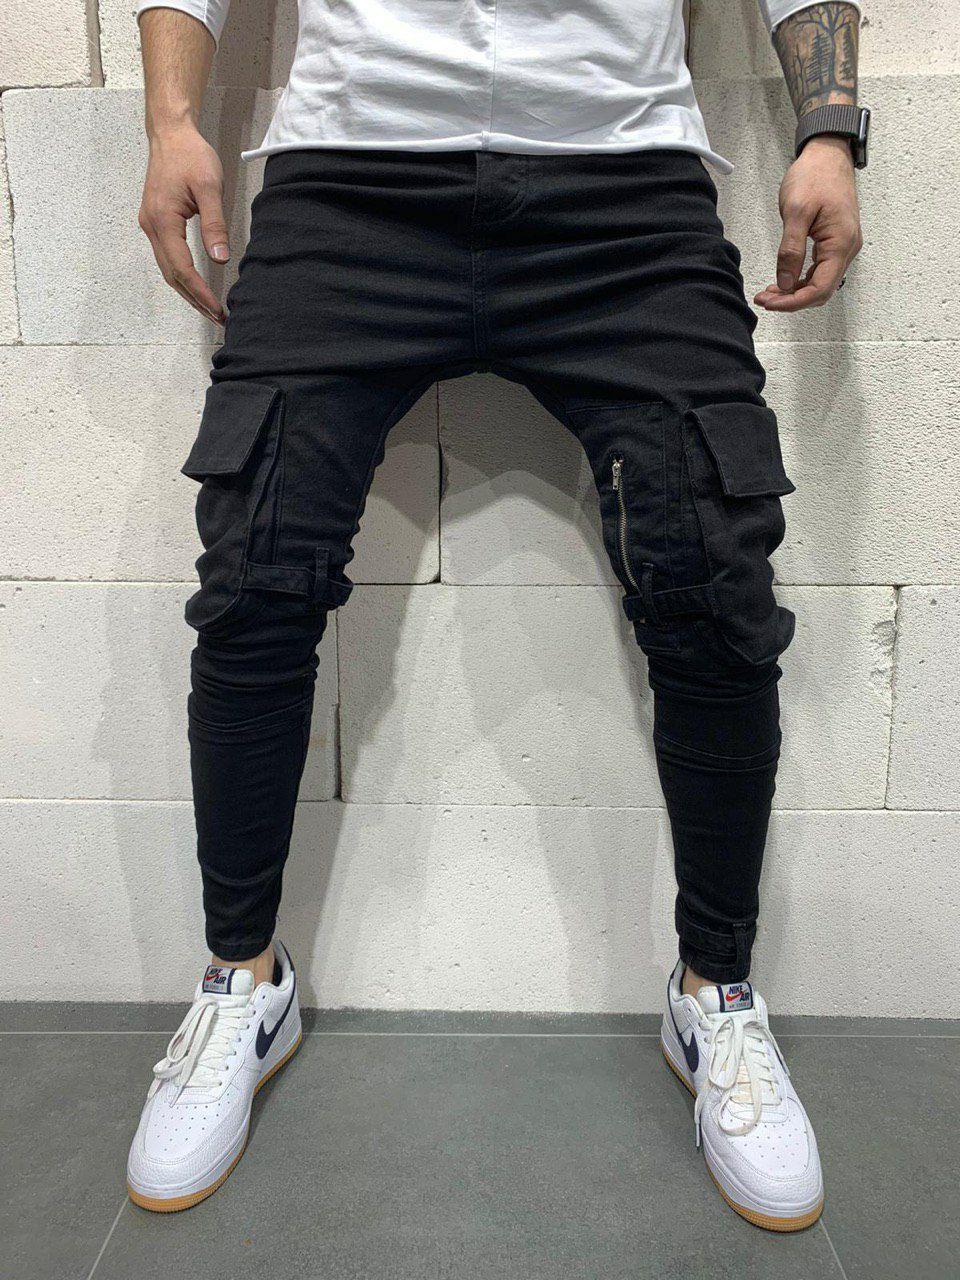 Джинси чоловічі стильні чорні з кишенями з ременями завужені Туреччина